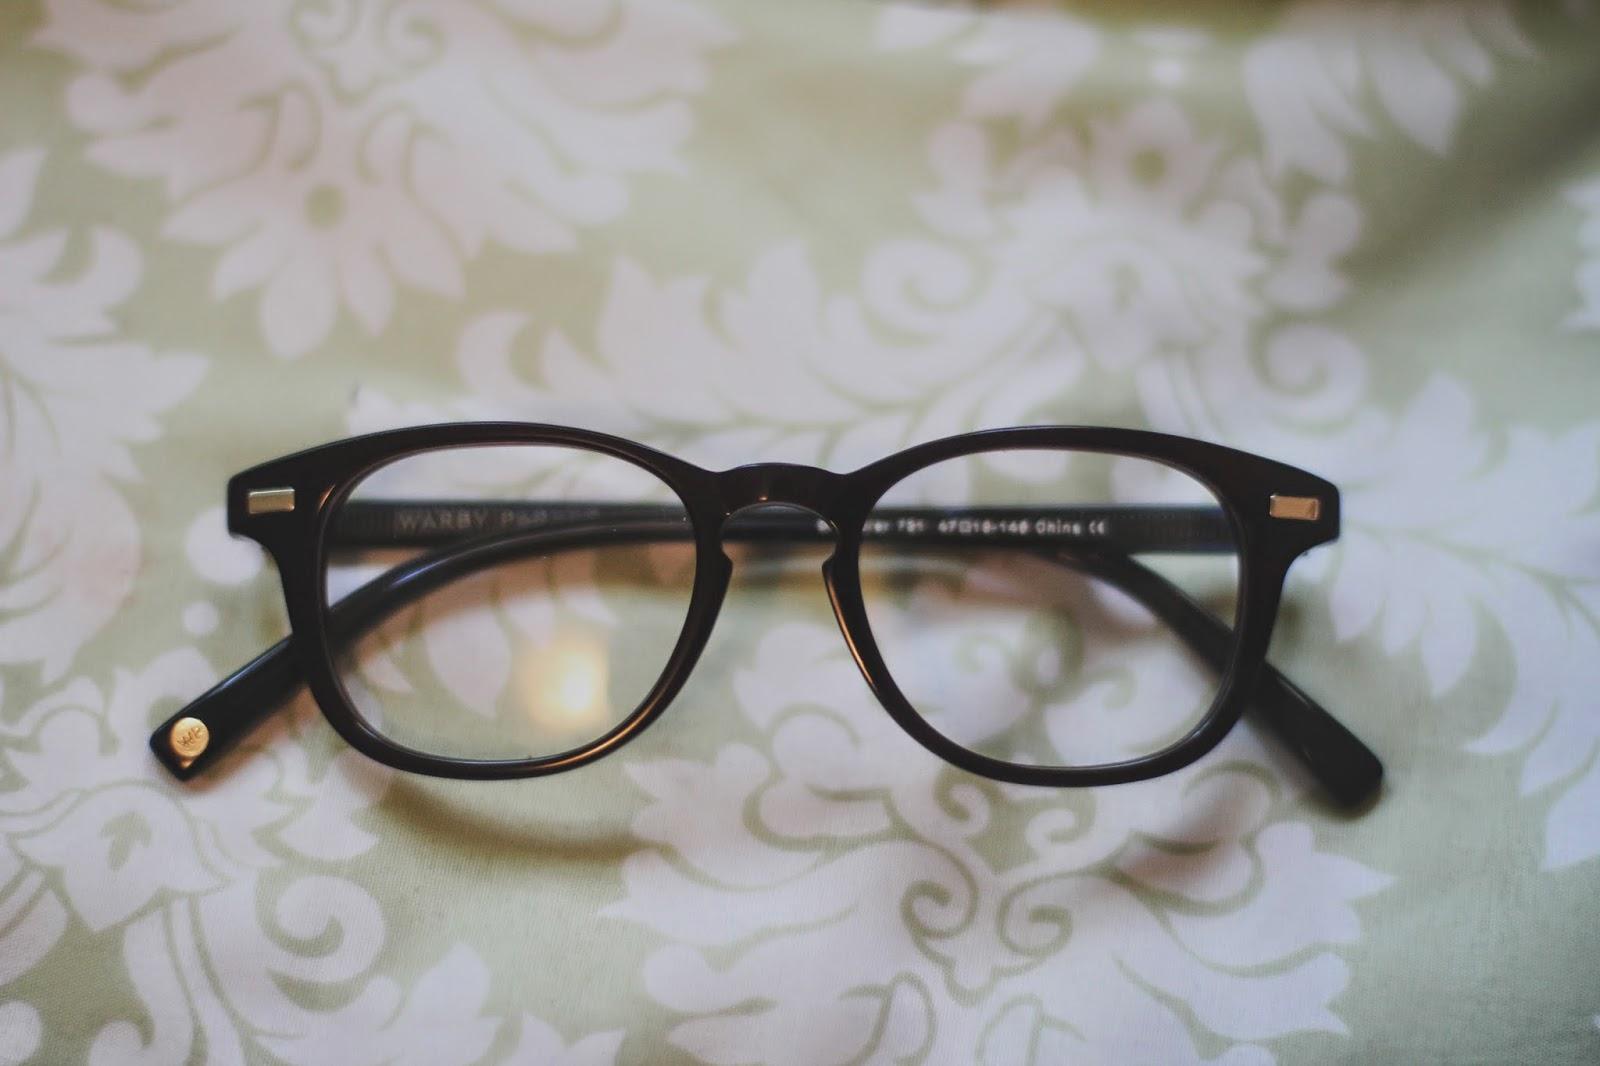 https://www.warbyparker.com/eyeglasses/women/chandler/whiskey-tortoise